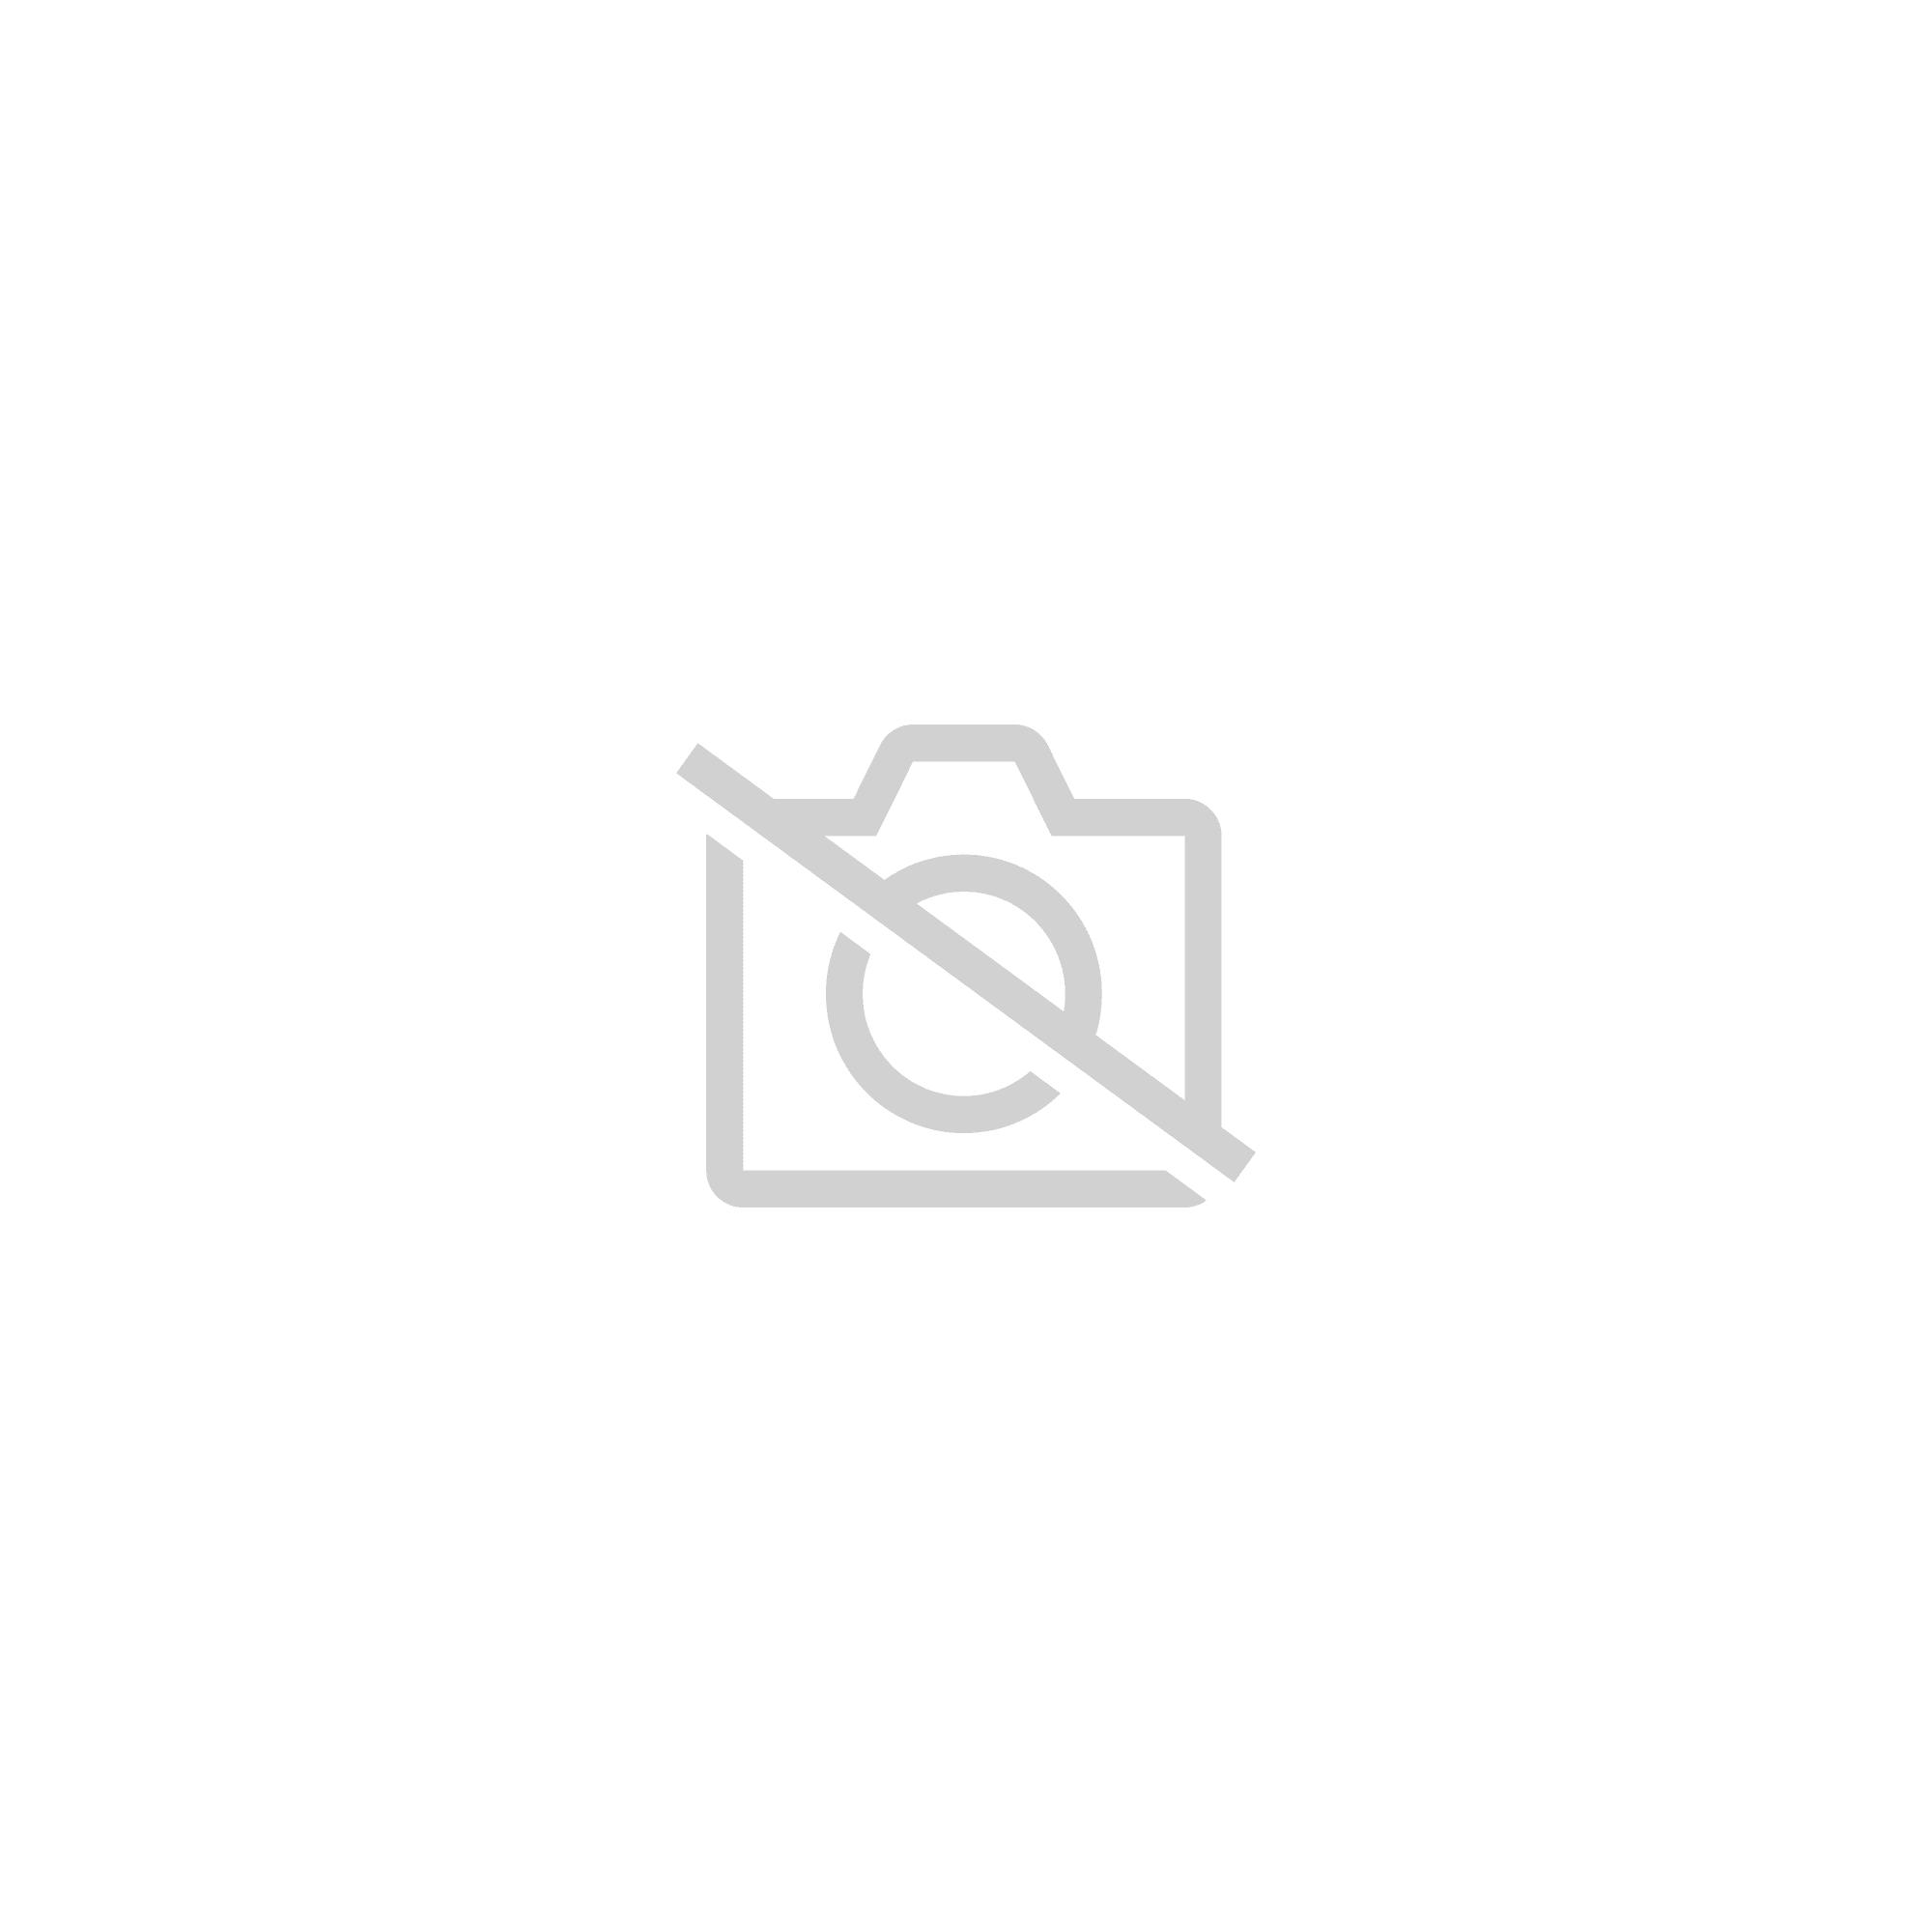 Microsoft Windows Xp Home Edition - Ensemble Complet - 1 Utilisateur - Cd - Anglais